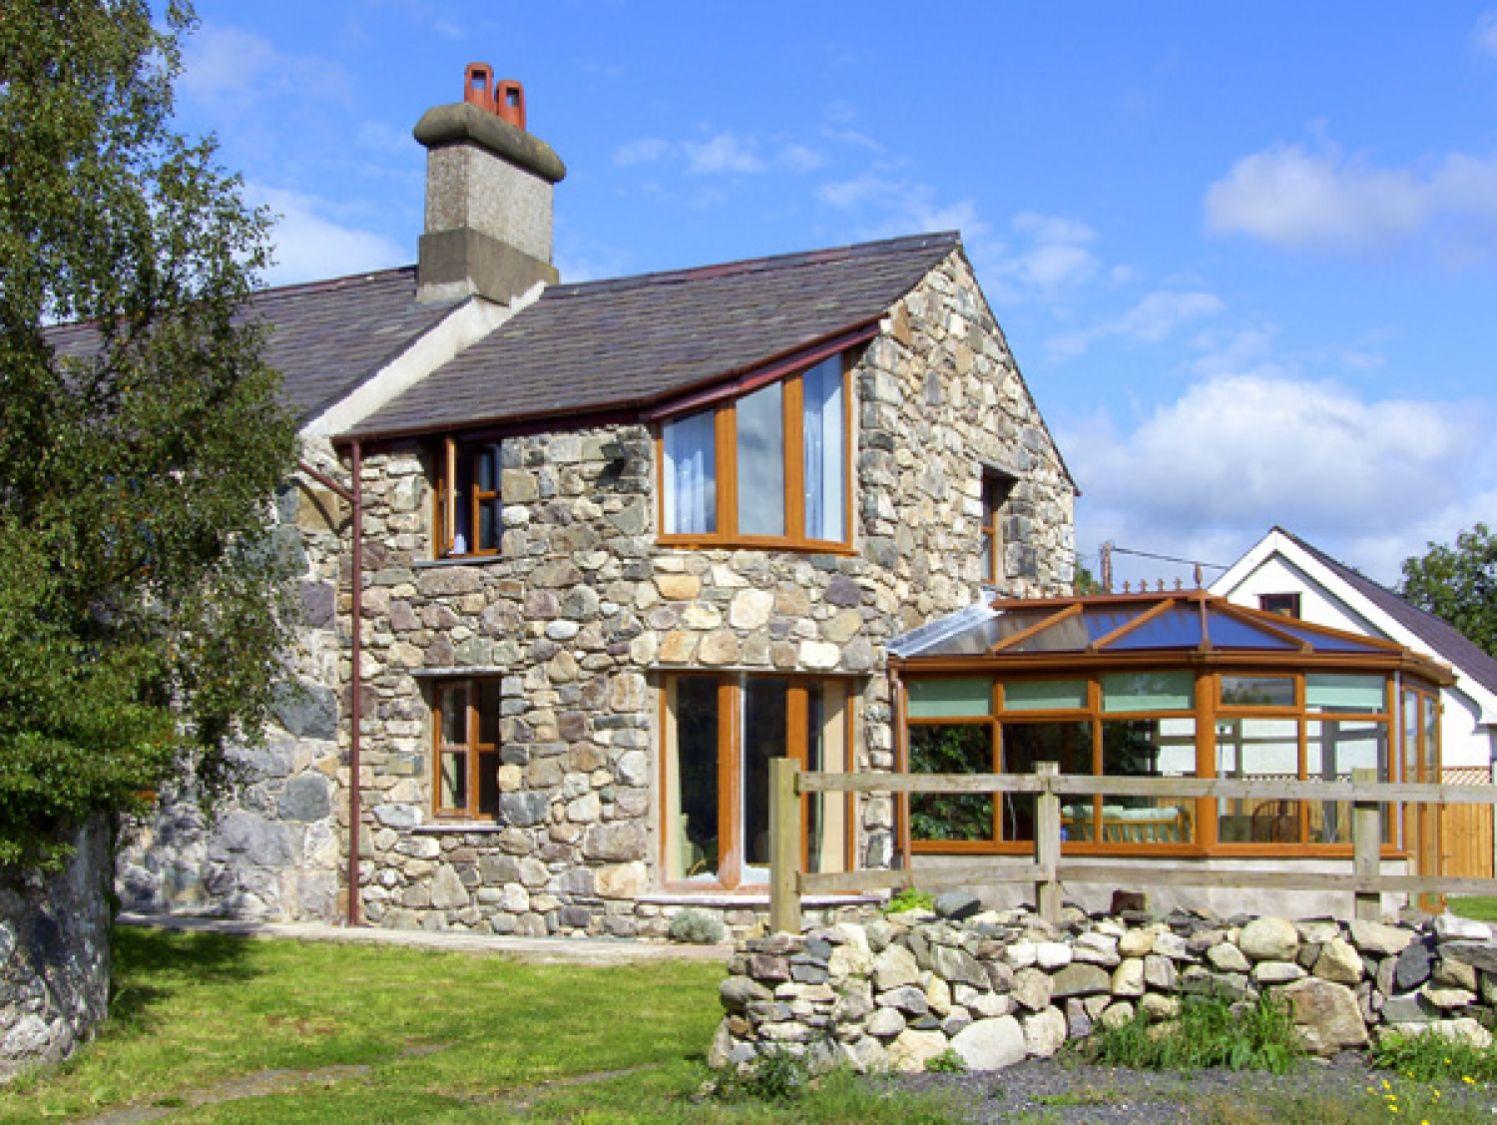 Ddol Helyg Farmhouse - North Wales - 1576 - photo 1